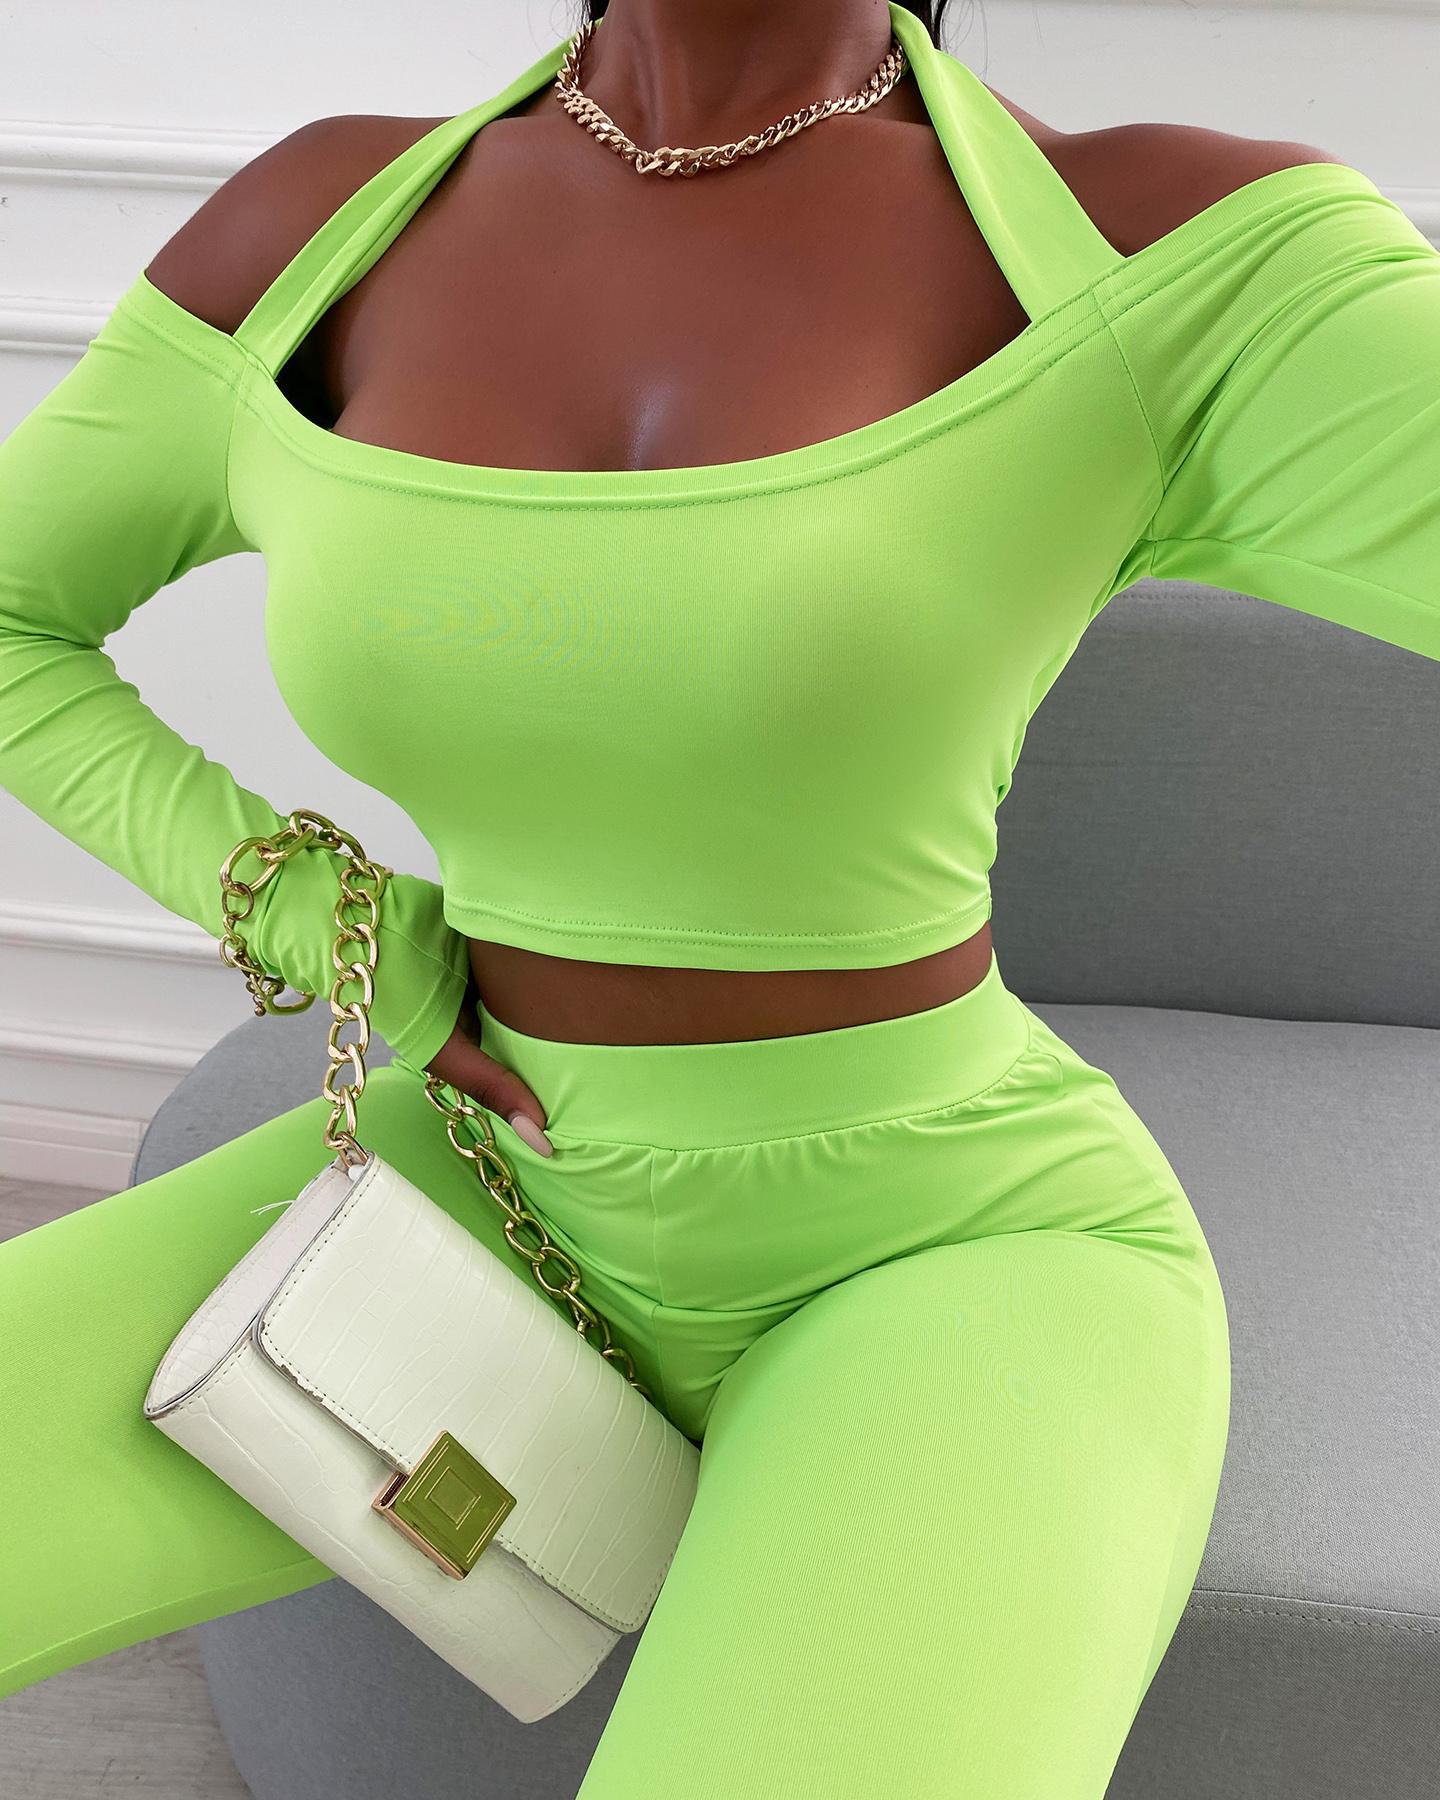 Halter Cold Shoulder Top & High Waist Pants Set, Green